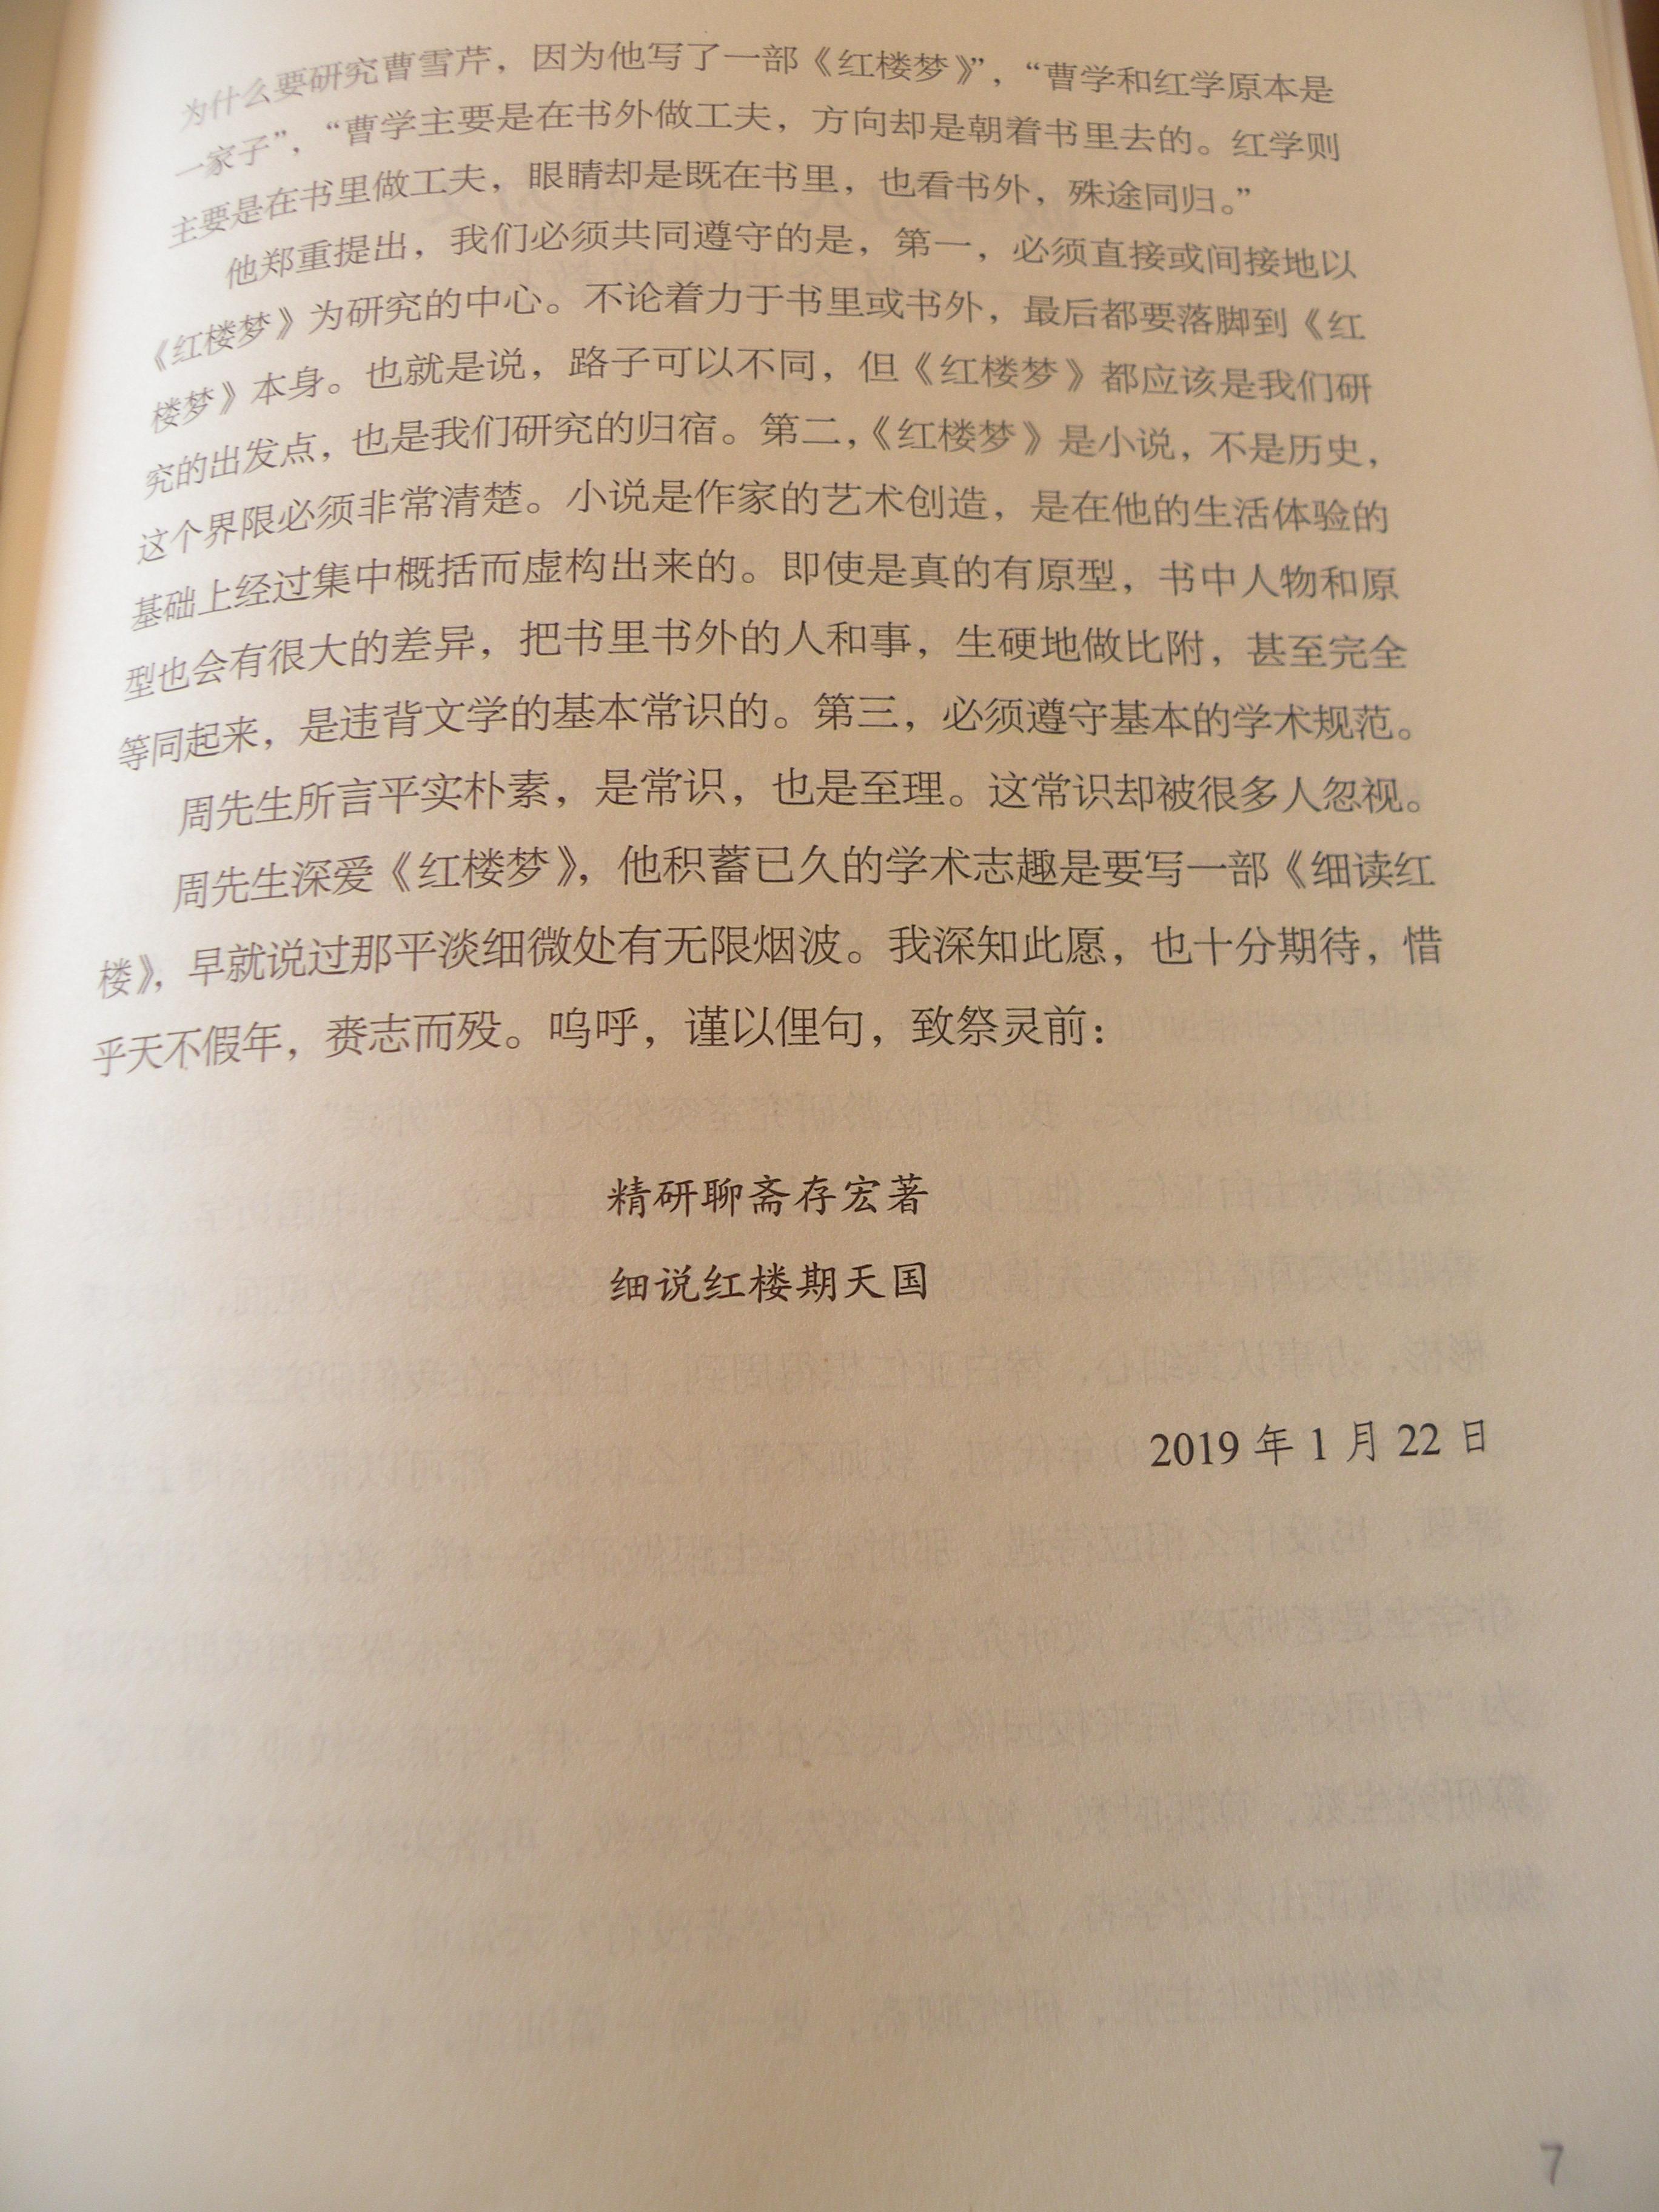 DSCN7695.JPG